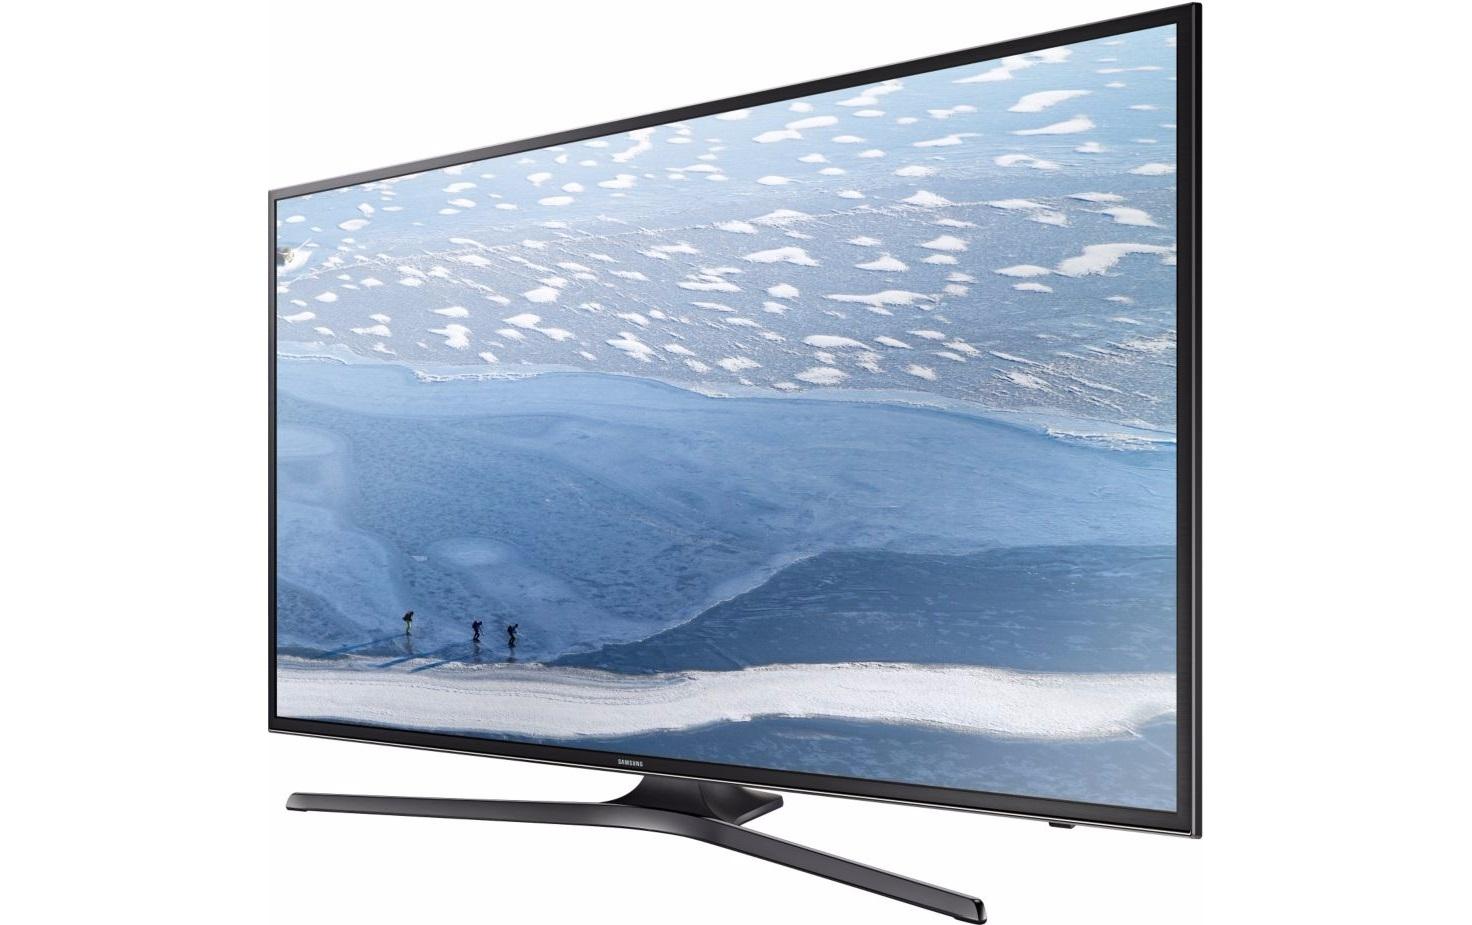 Стоит ли приобрести телевизор в интернет-магазине?